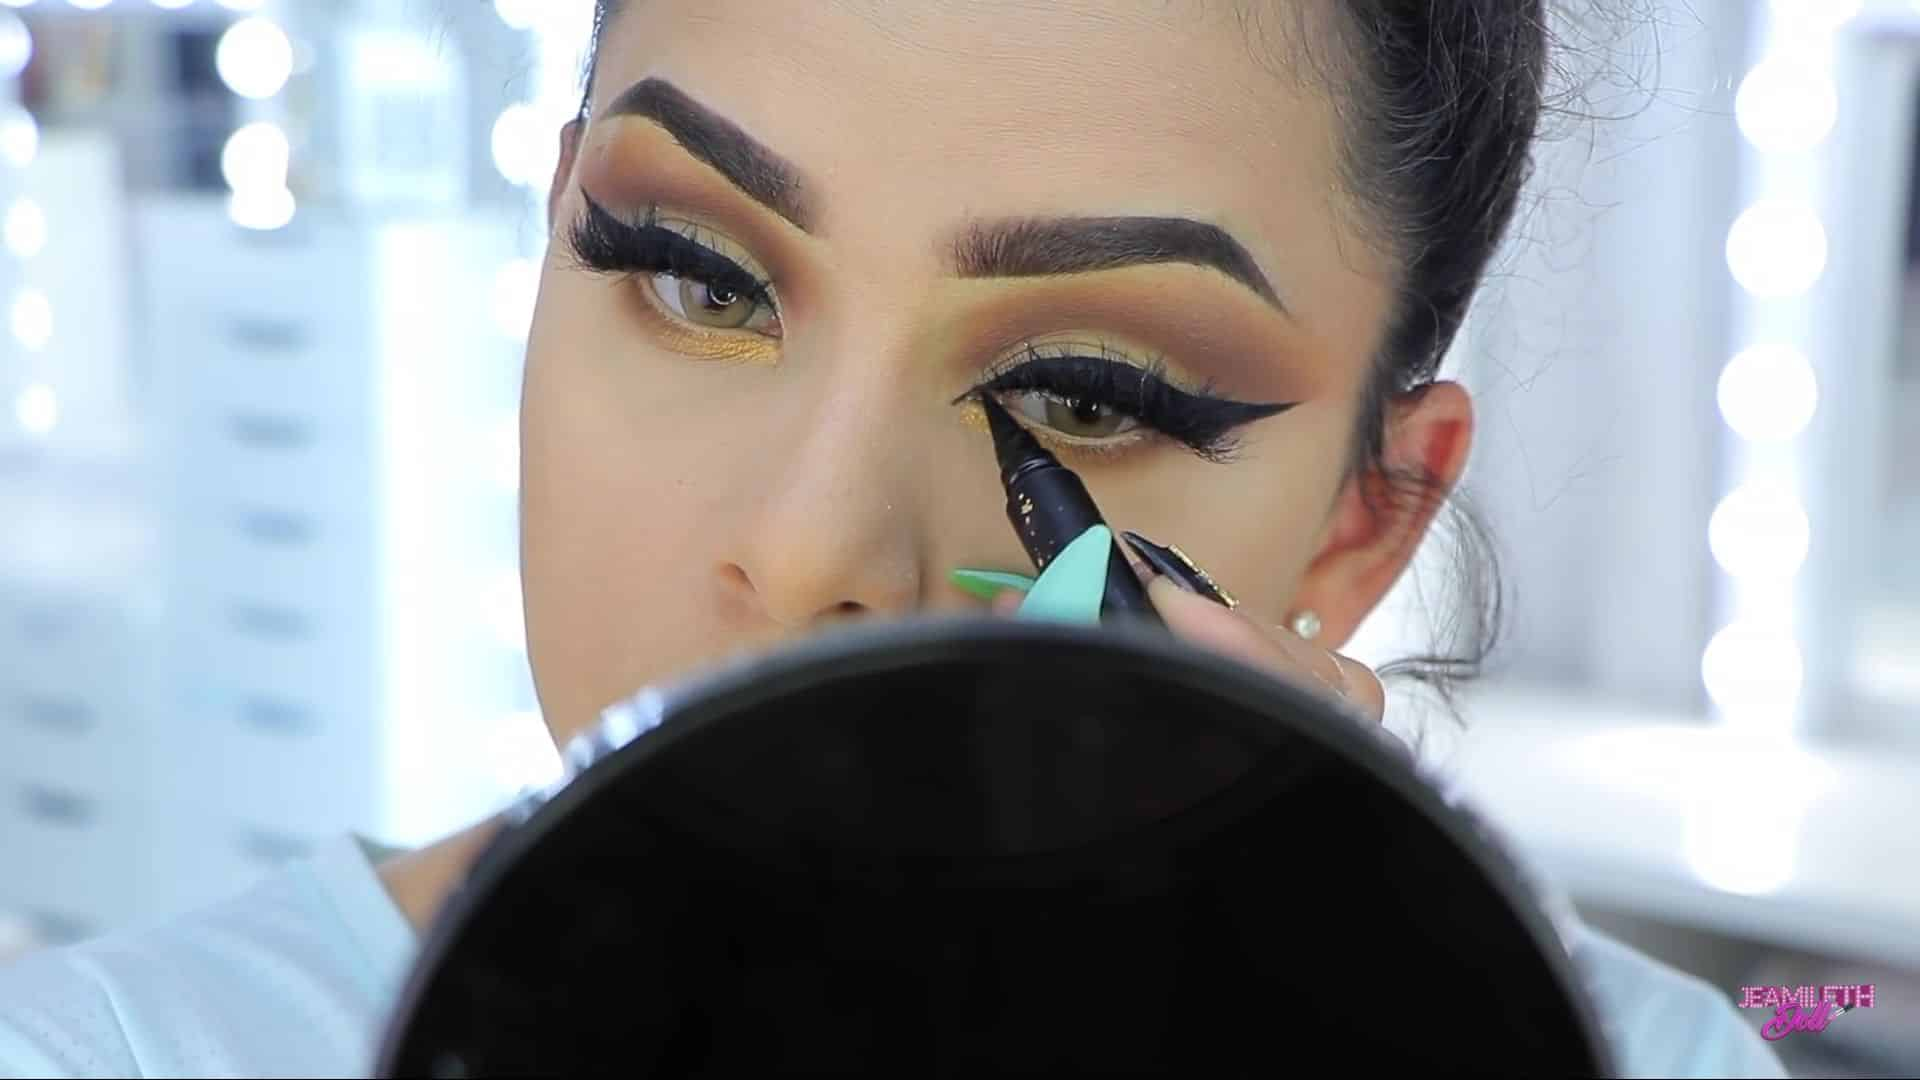 Maquillate como Jasmine facil y rapido Jeamileth Doll 2020, delineado del triangulo del ojo.